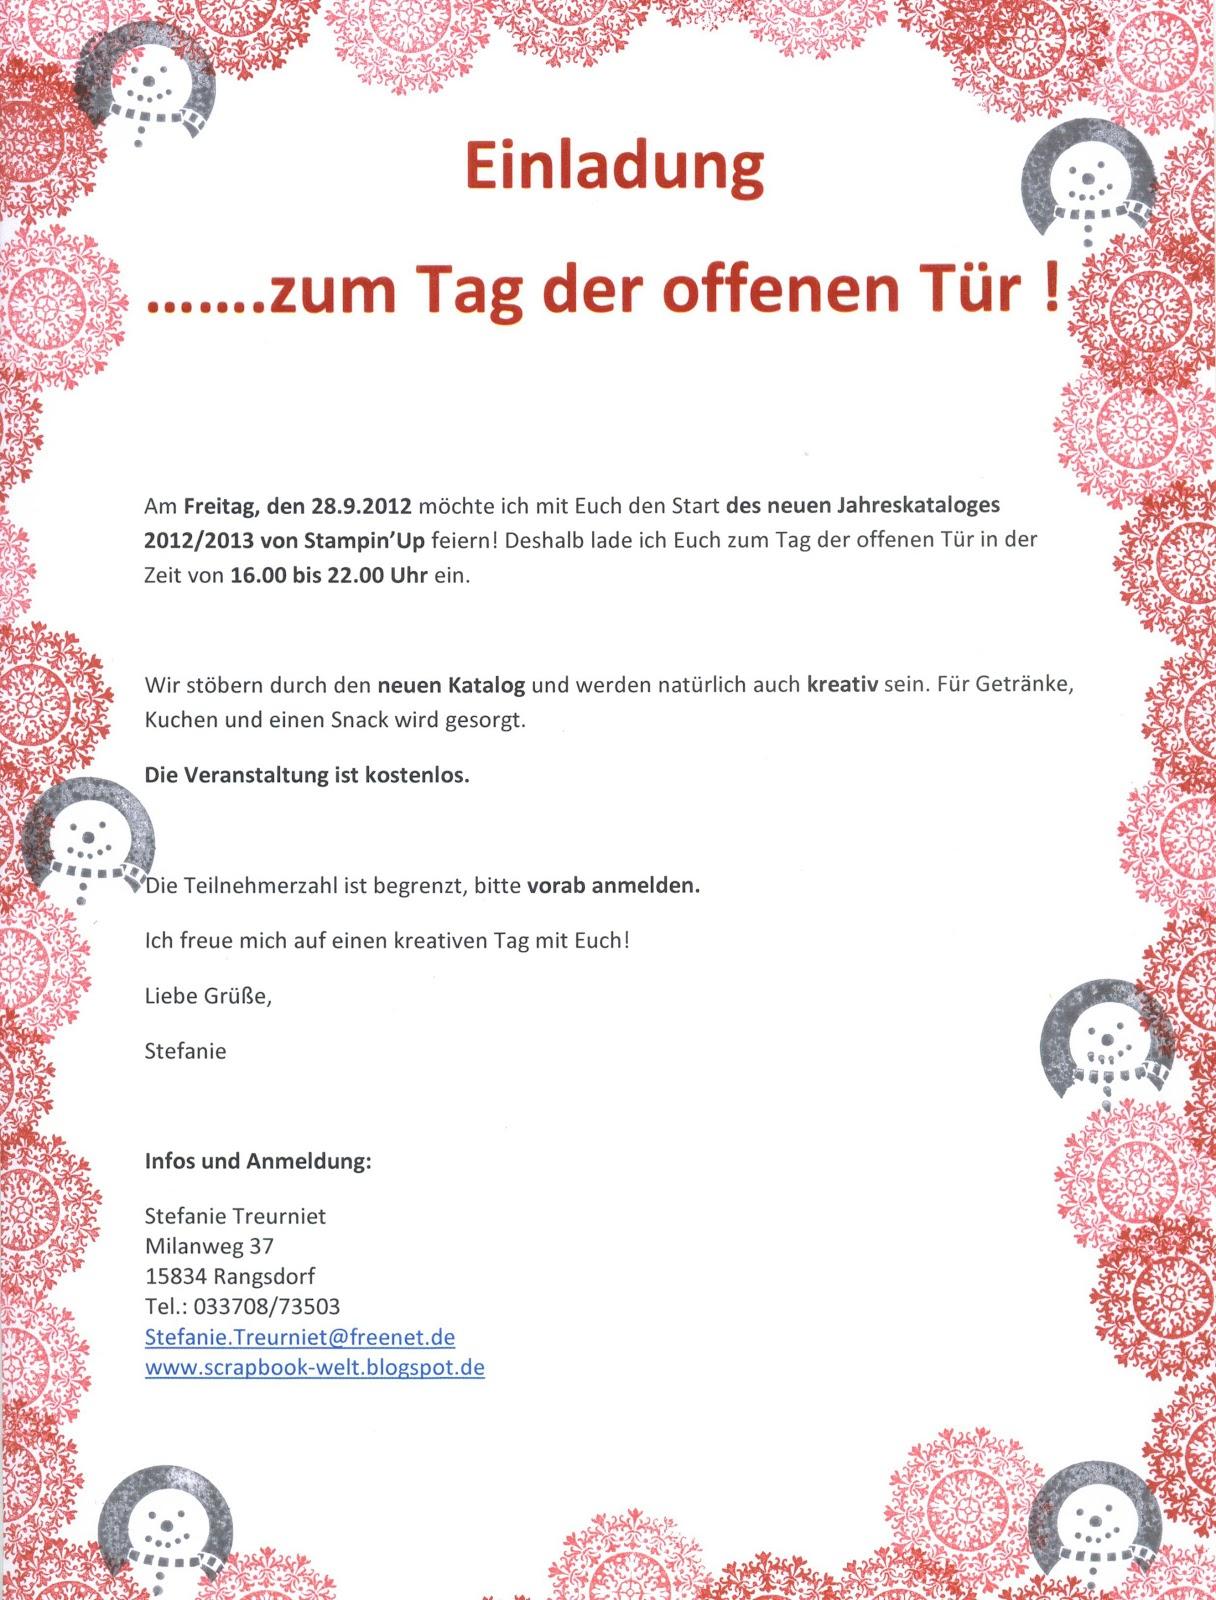 stefanie's scrapbookwelt: einladung zum tag der offenen tür!, Einladungen